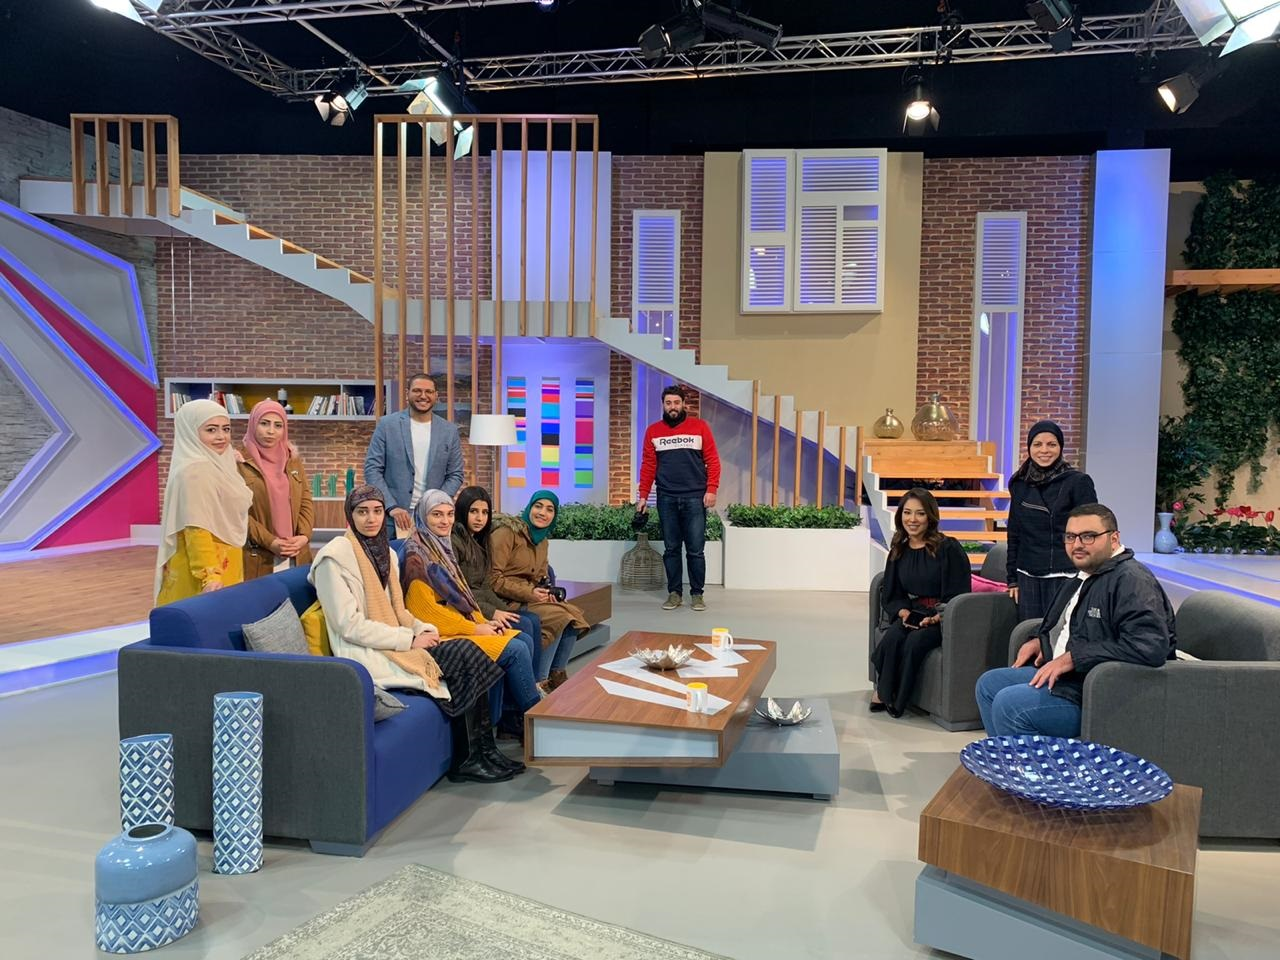 زيارة طلاب الإعلام في جامعة العلوم والآداب اللبنانية إلى تلفزيون العربي